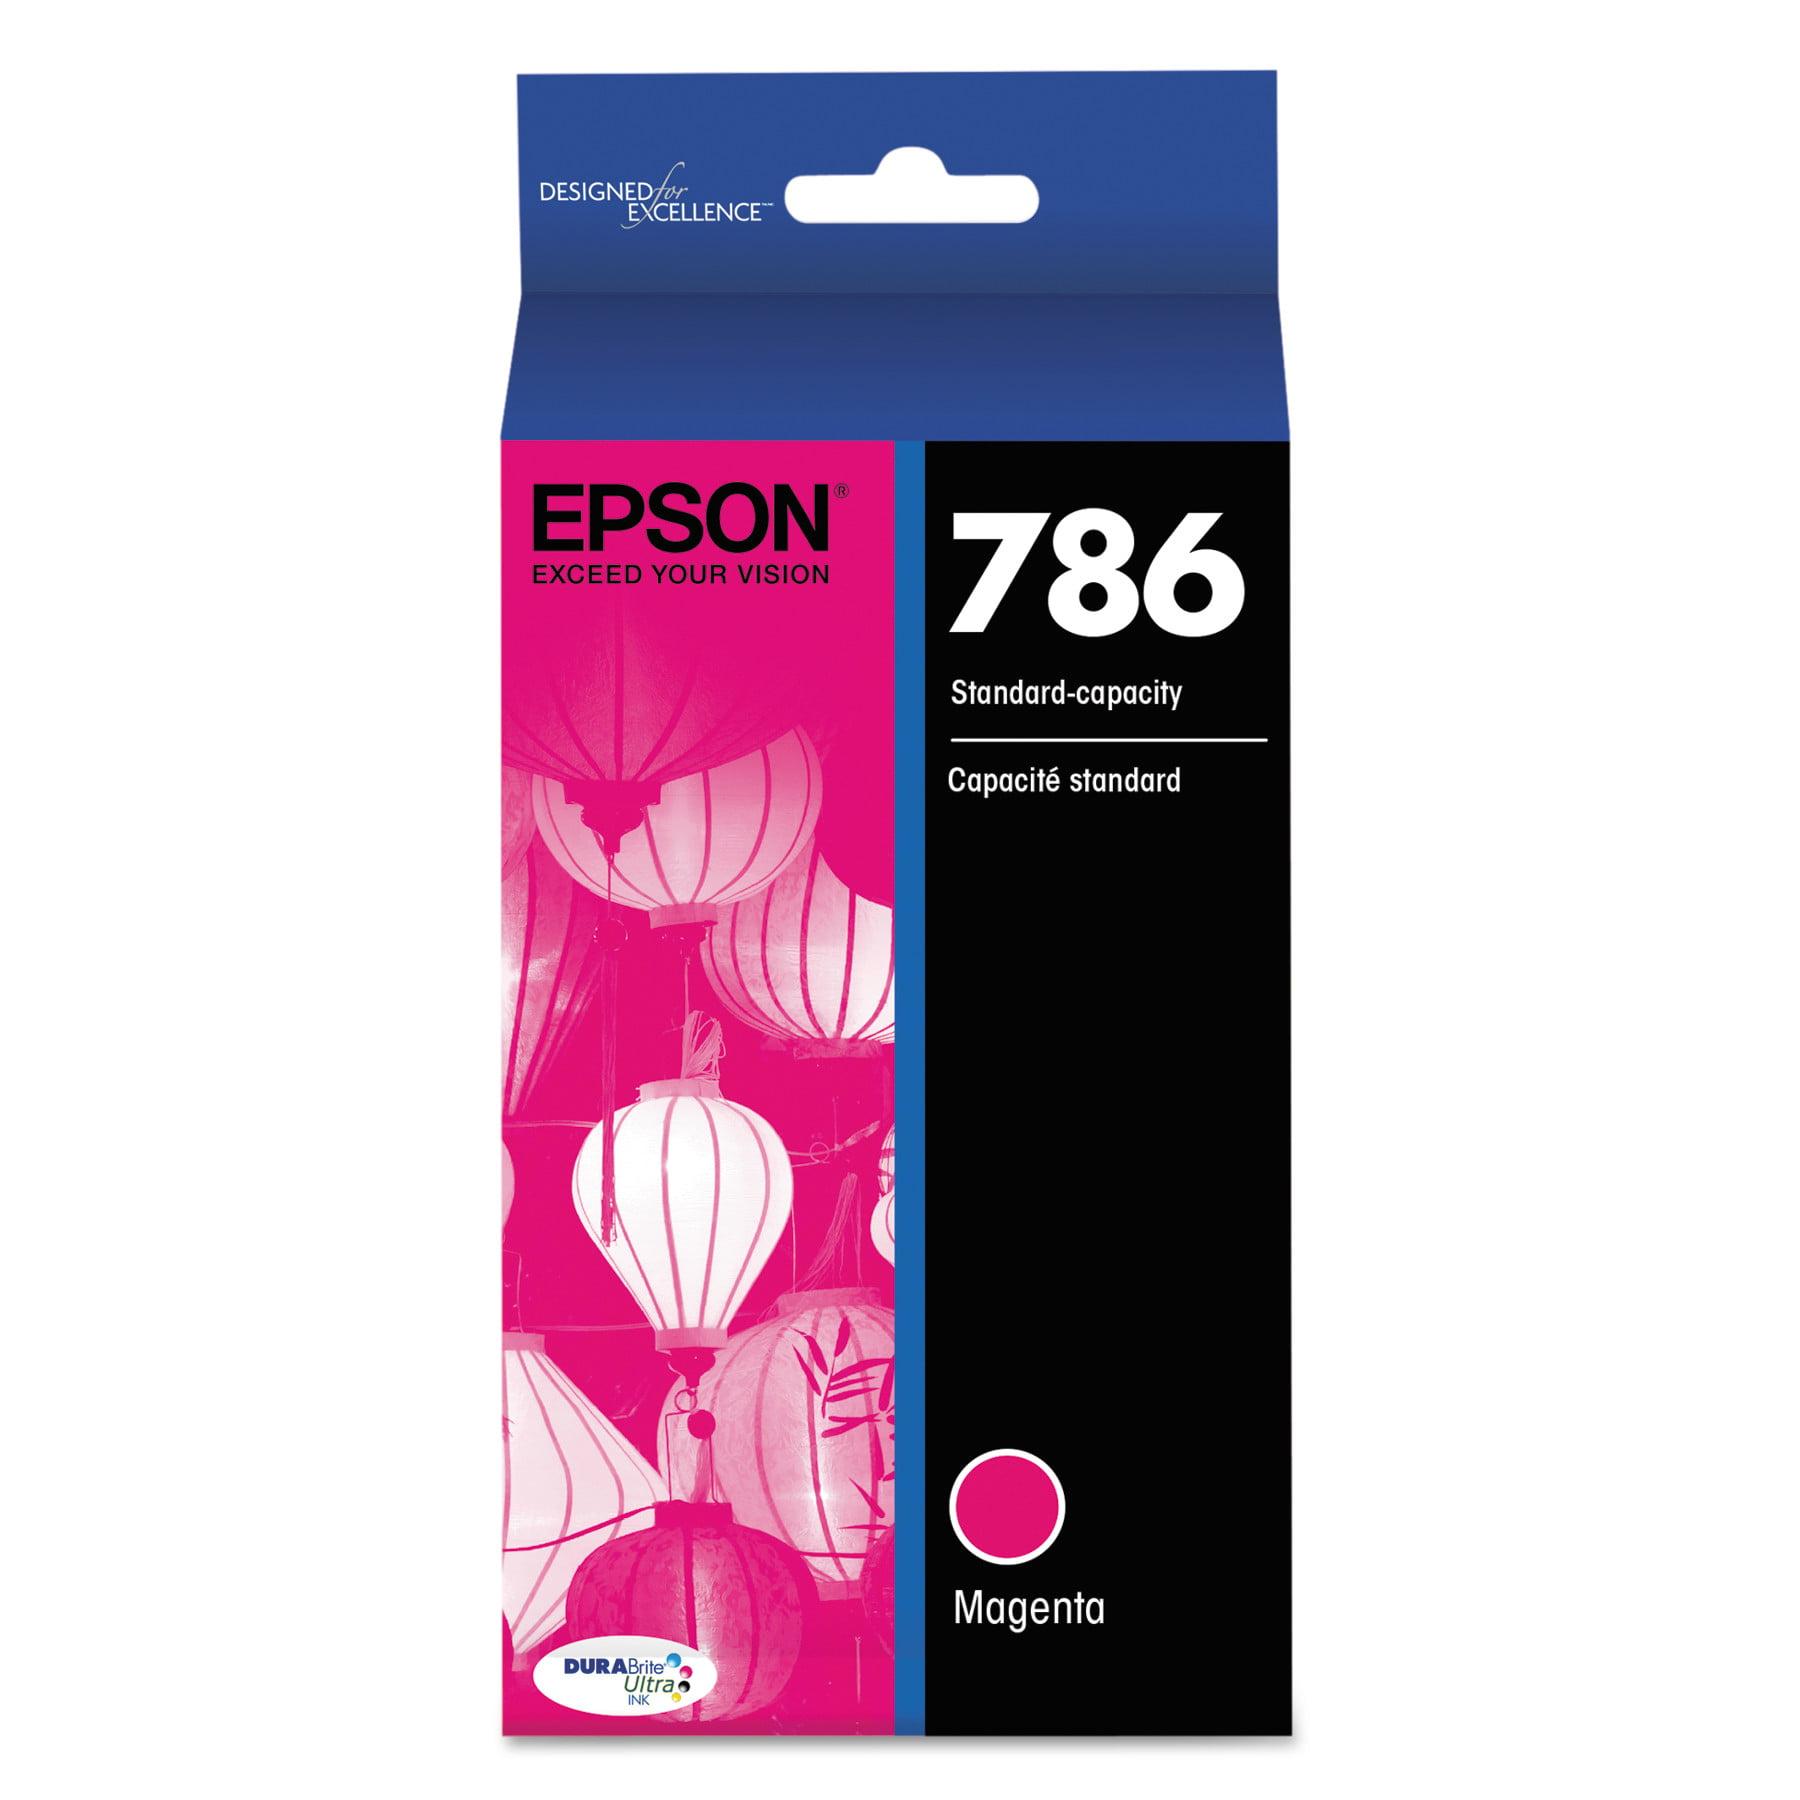 Epson T786320 (786) DURABrite Ultra Ink, Magenta by Epson